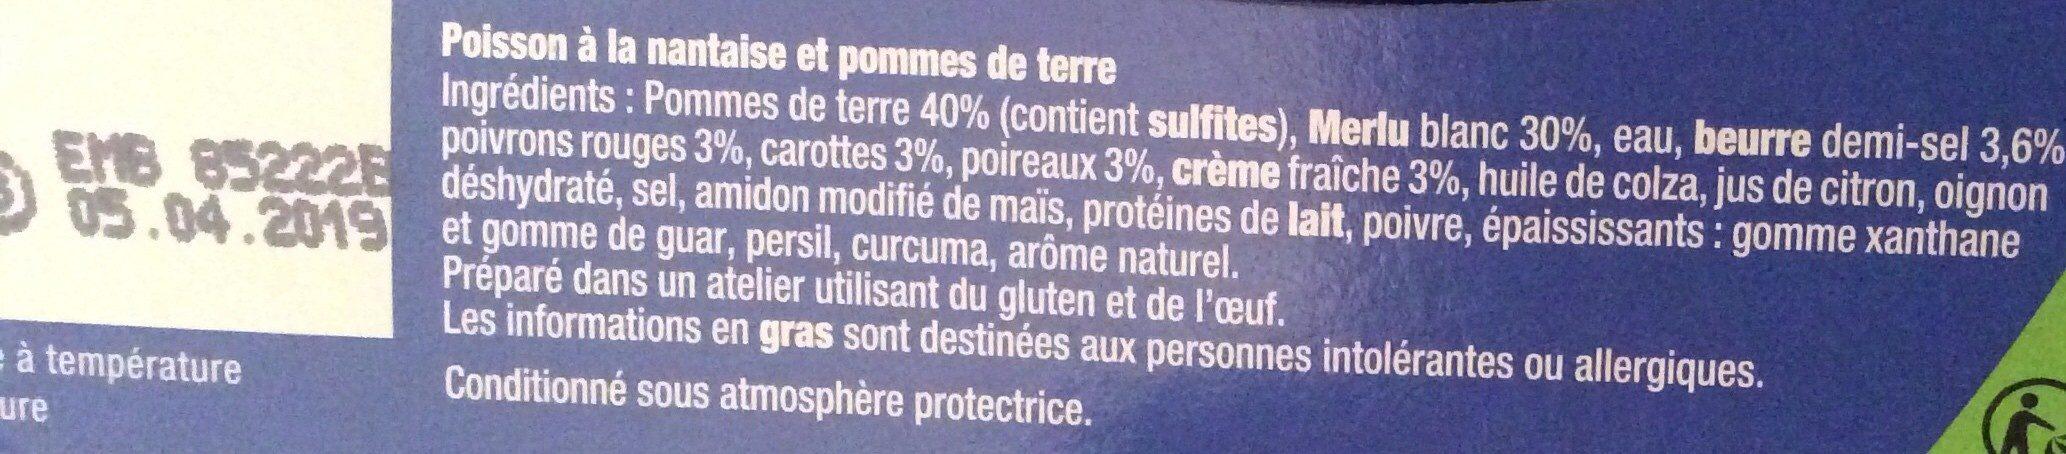 Poisson à la Nantaise & Pommes de terre - Ingredients - fr